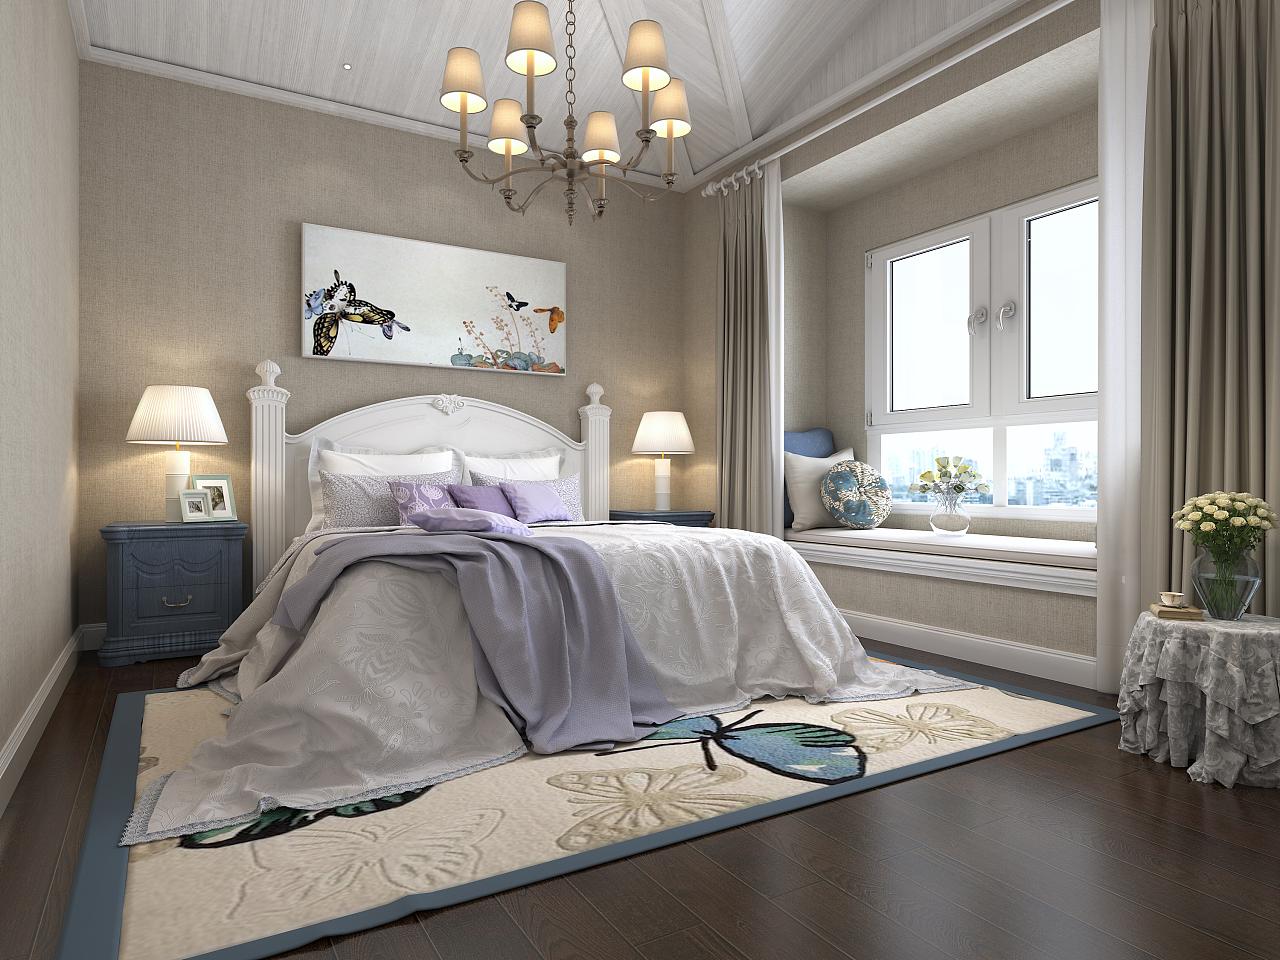 西班牙简约卧室|空间|室内设计|曹欹 - 原创作品